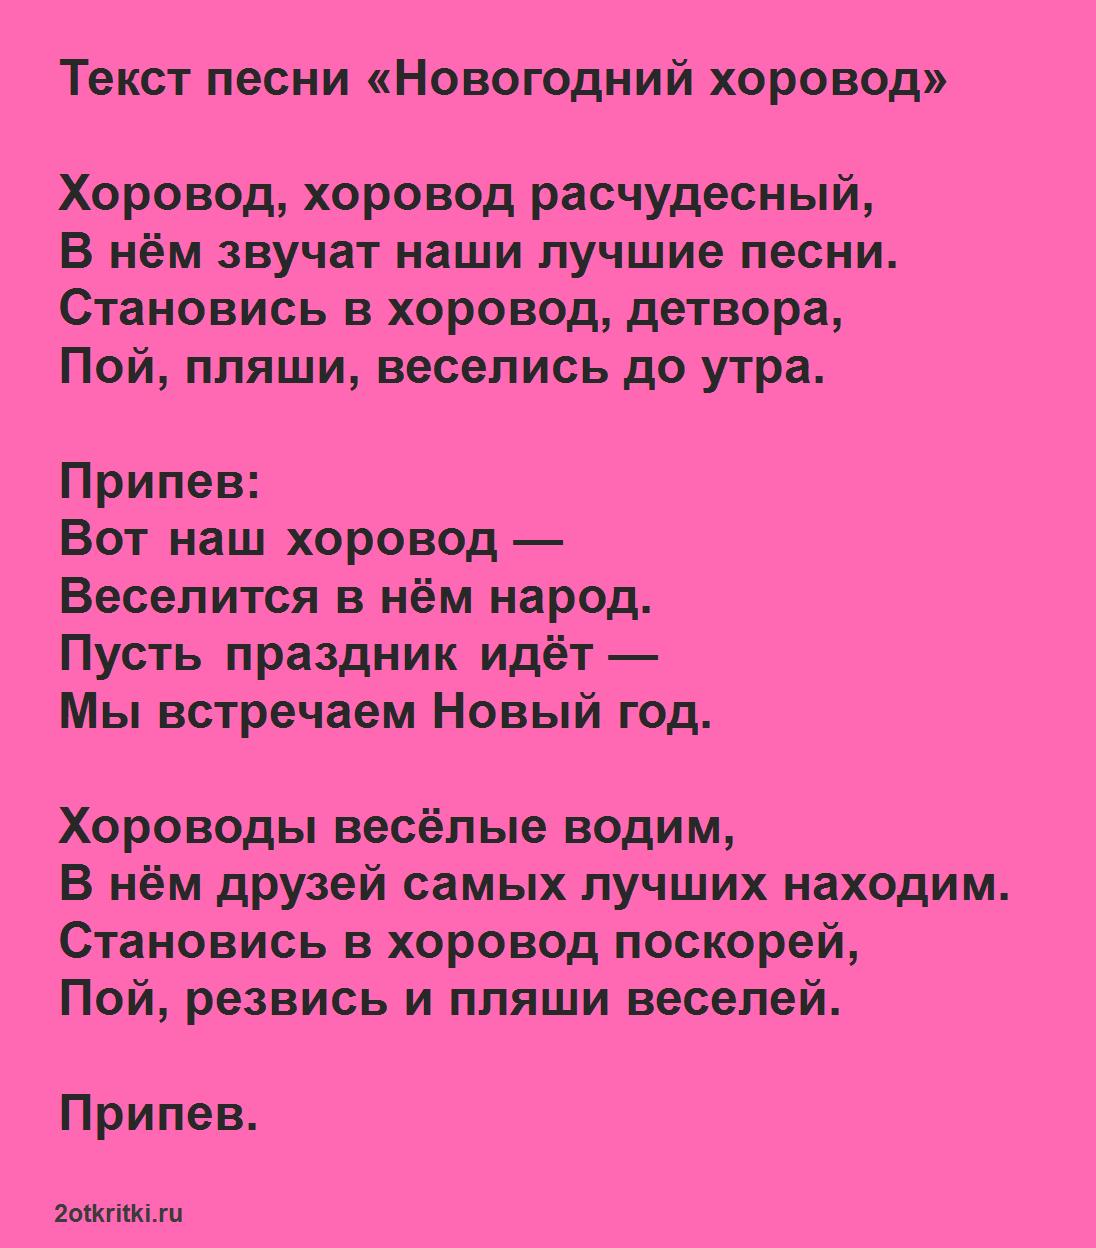 Текст песни на Новый год для детей